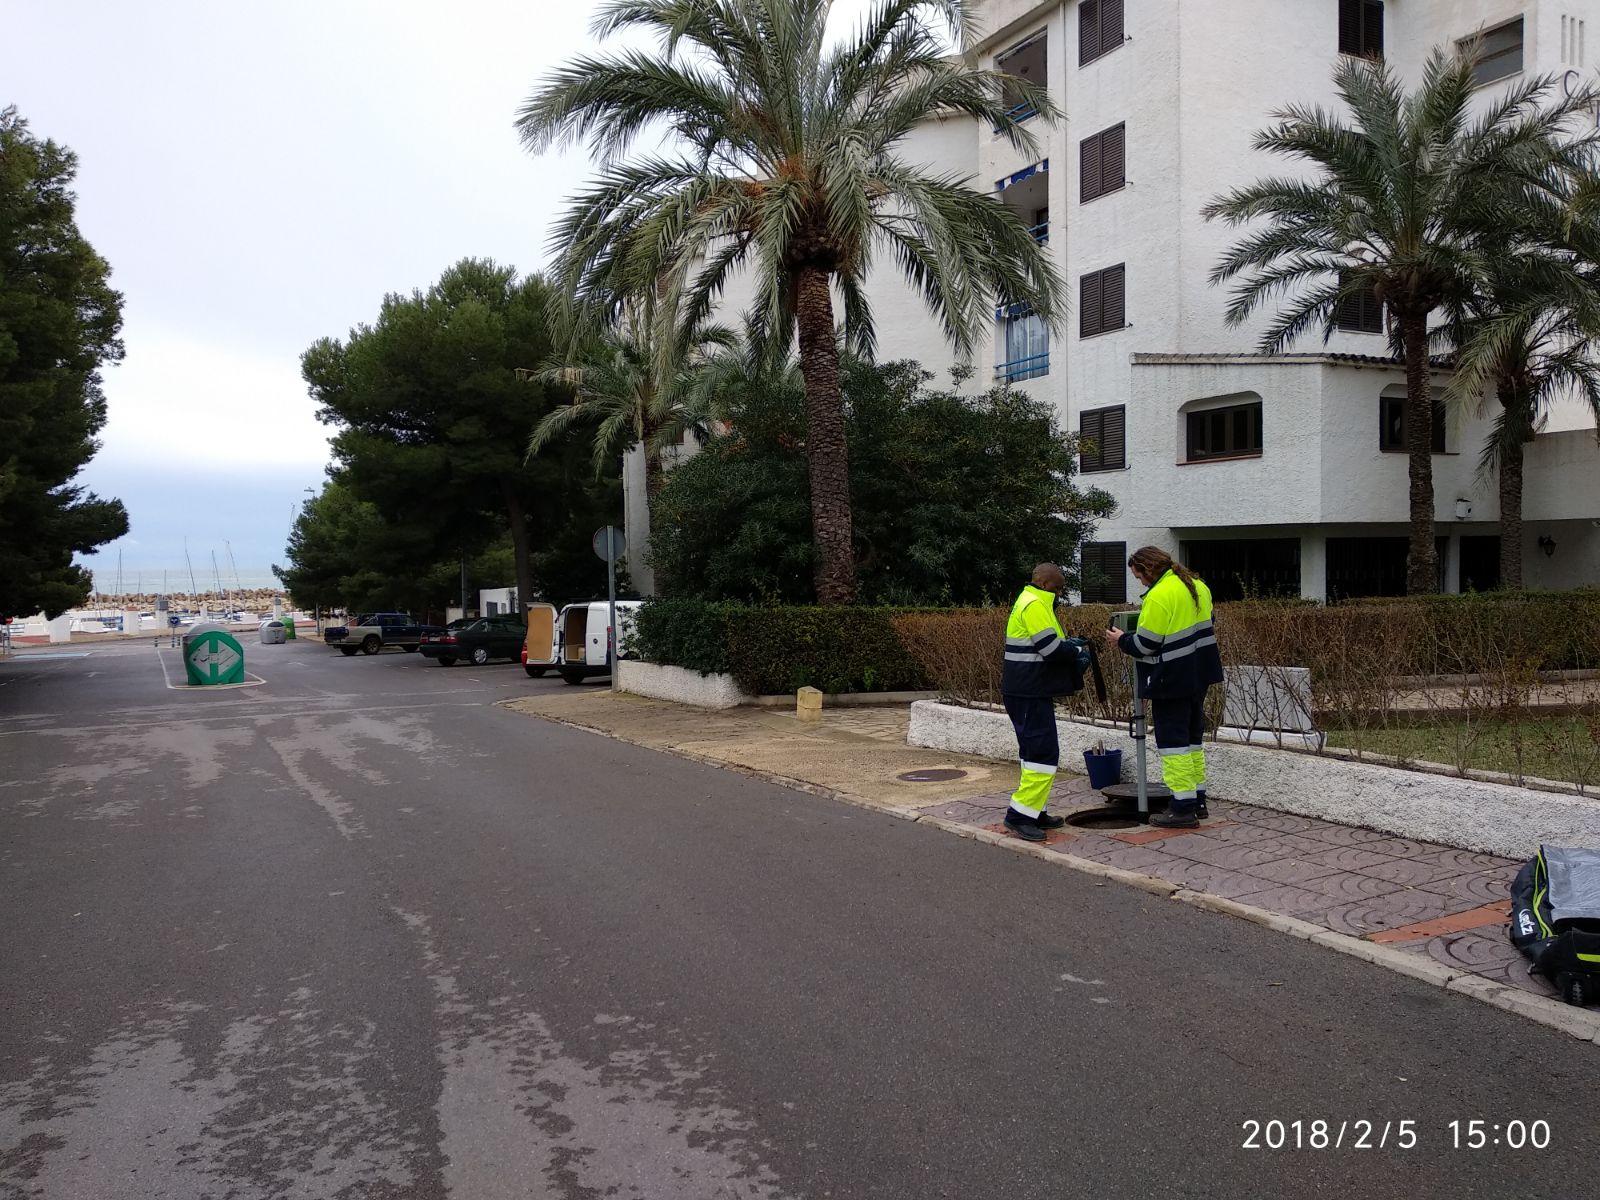 Alcalà, l'Ajuntament intensifica els treballs per localitzar l'origen de la contaminació a la platja de Les Fonts